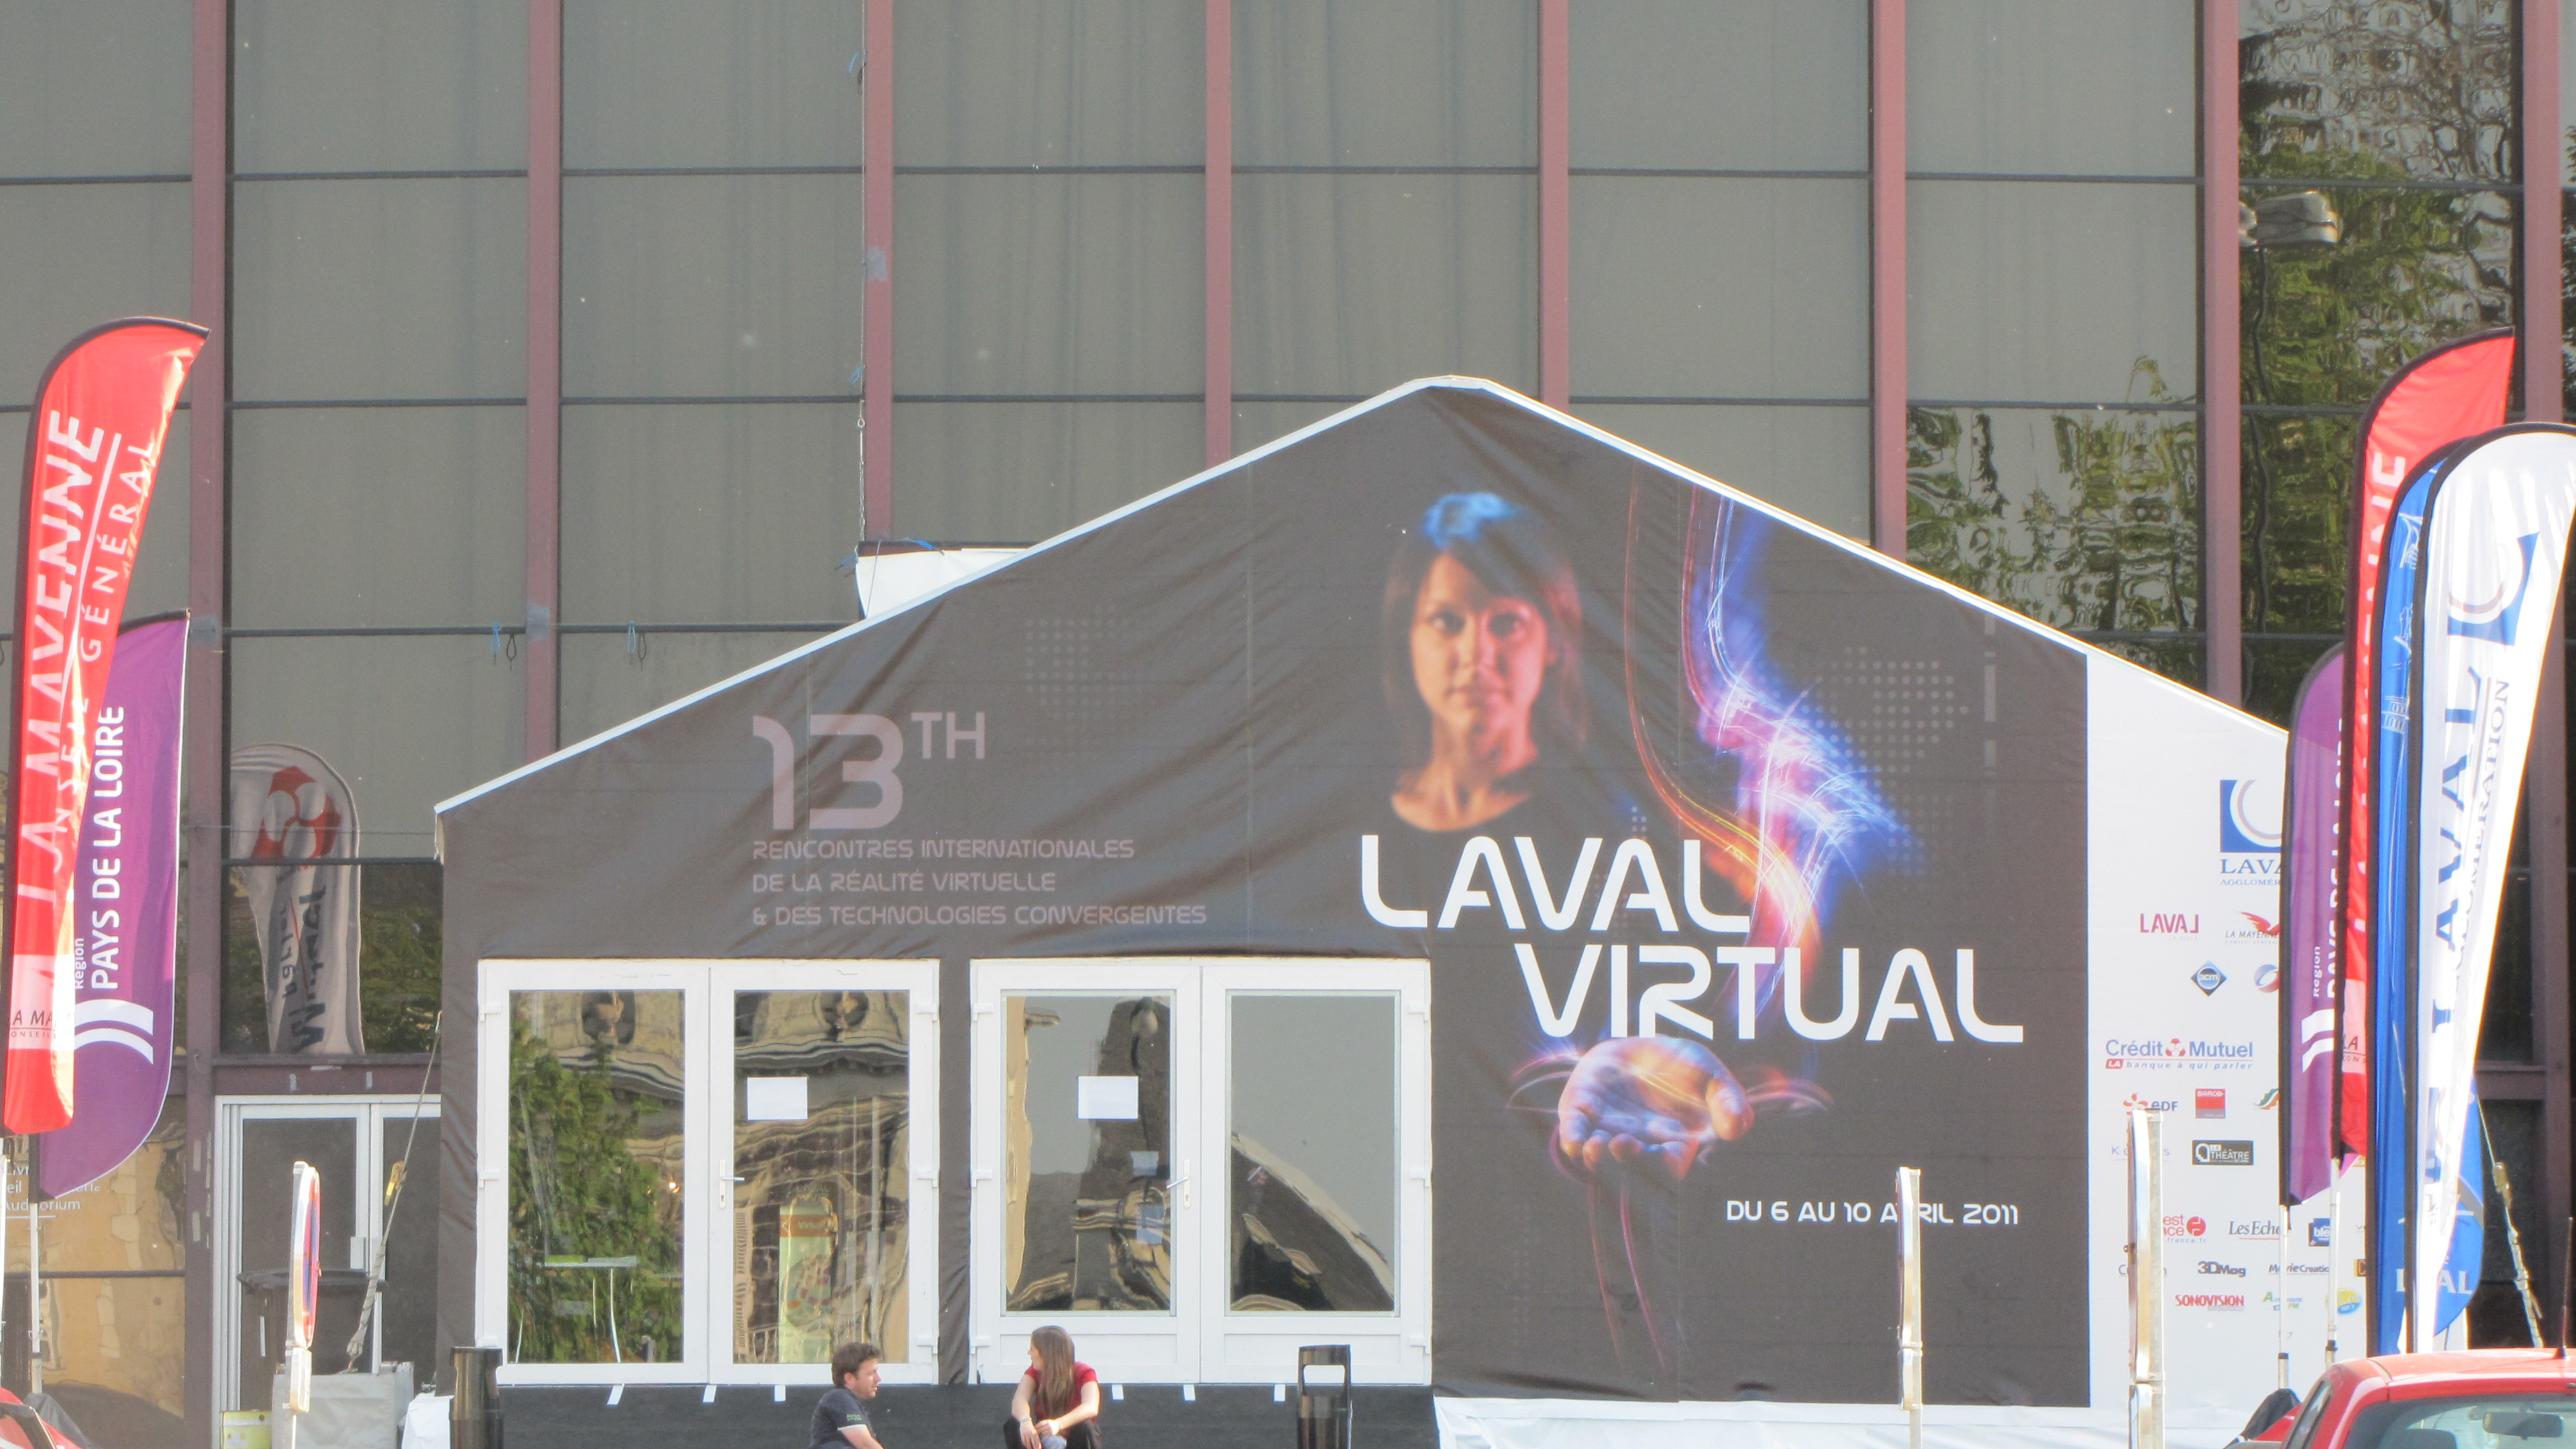 Cette année encore je suis allé à la pêche aux interfaces tactiles au salon Laval Virtual. J'en suis revenu avec plusieurs images que j'ai compilé dans la vidéo que vous...